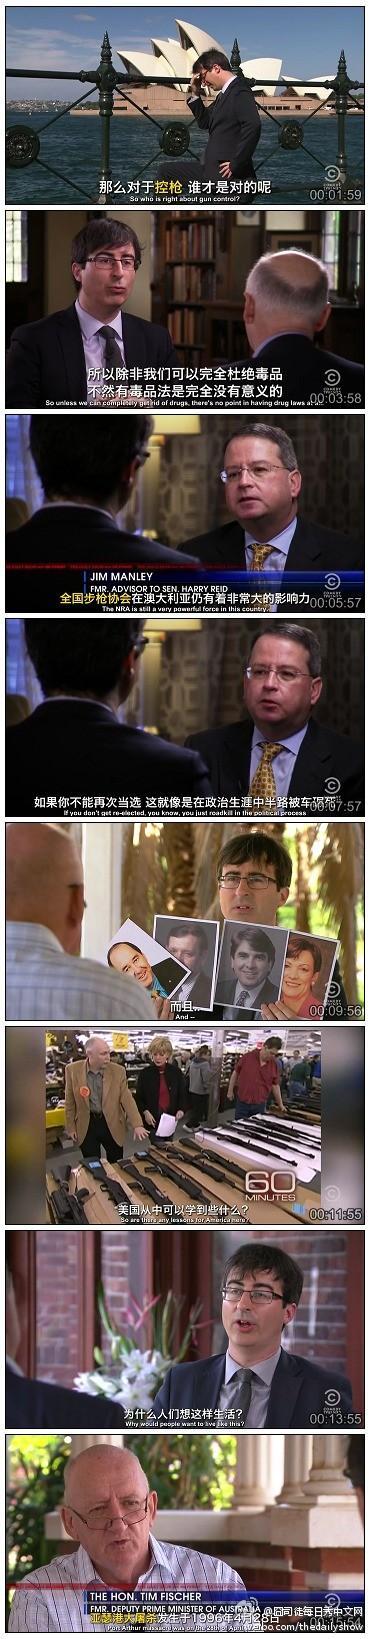 囧司徒每日秀 2013.04.18/23/25 奥利鹅专题